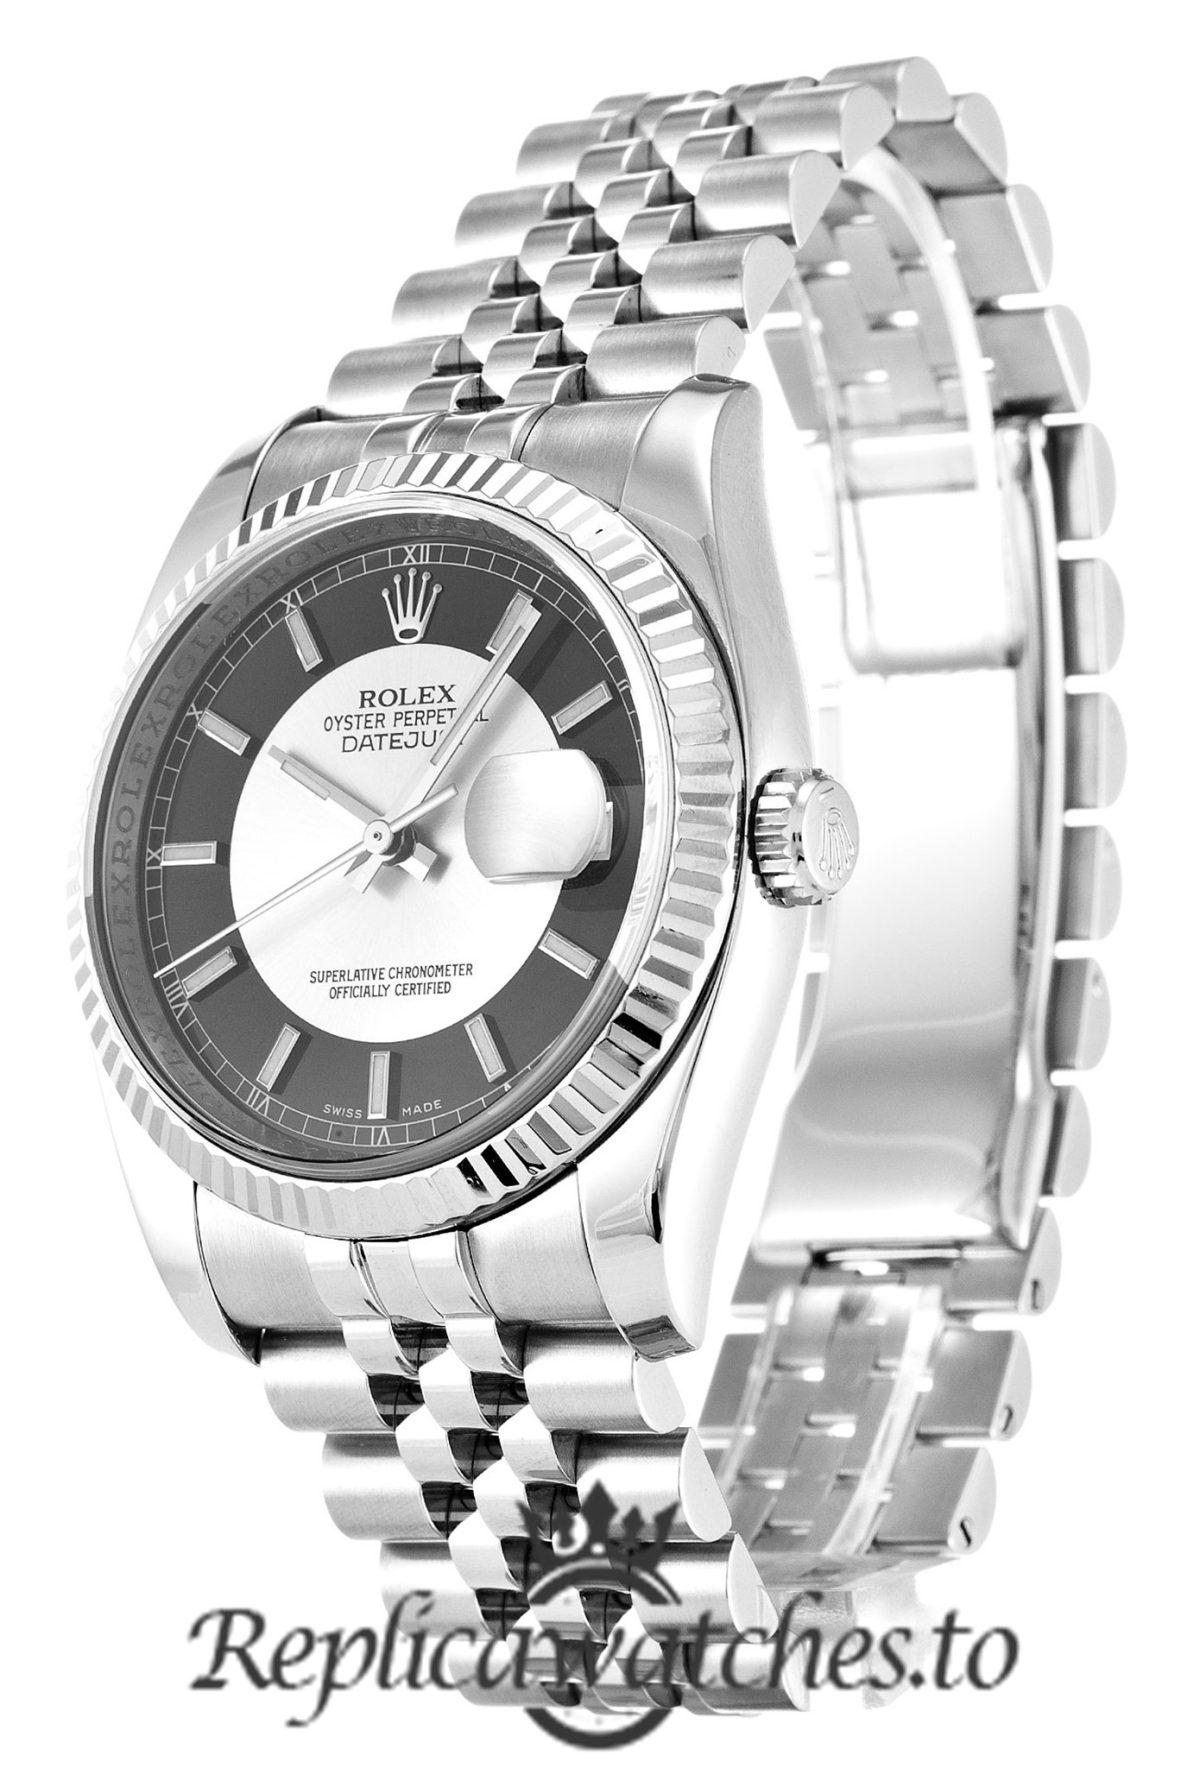 Rolex Datejust Replica 116234 003 Black Dial 36MM